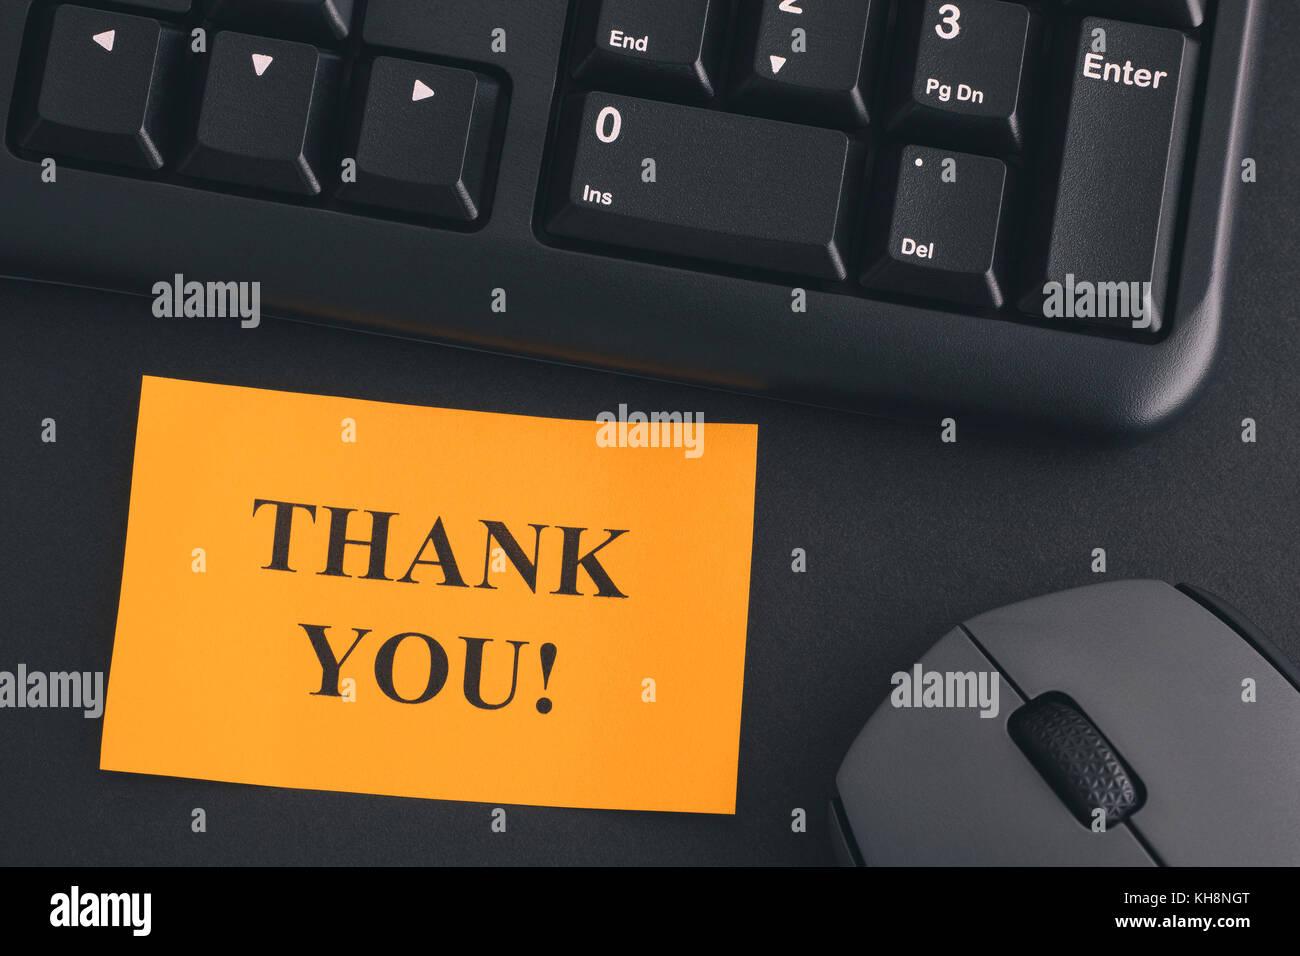 Merci papier remarque avec écrit merci sur un bureau avec un